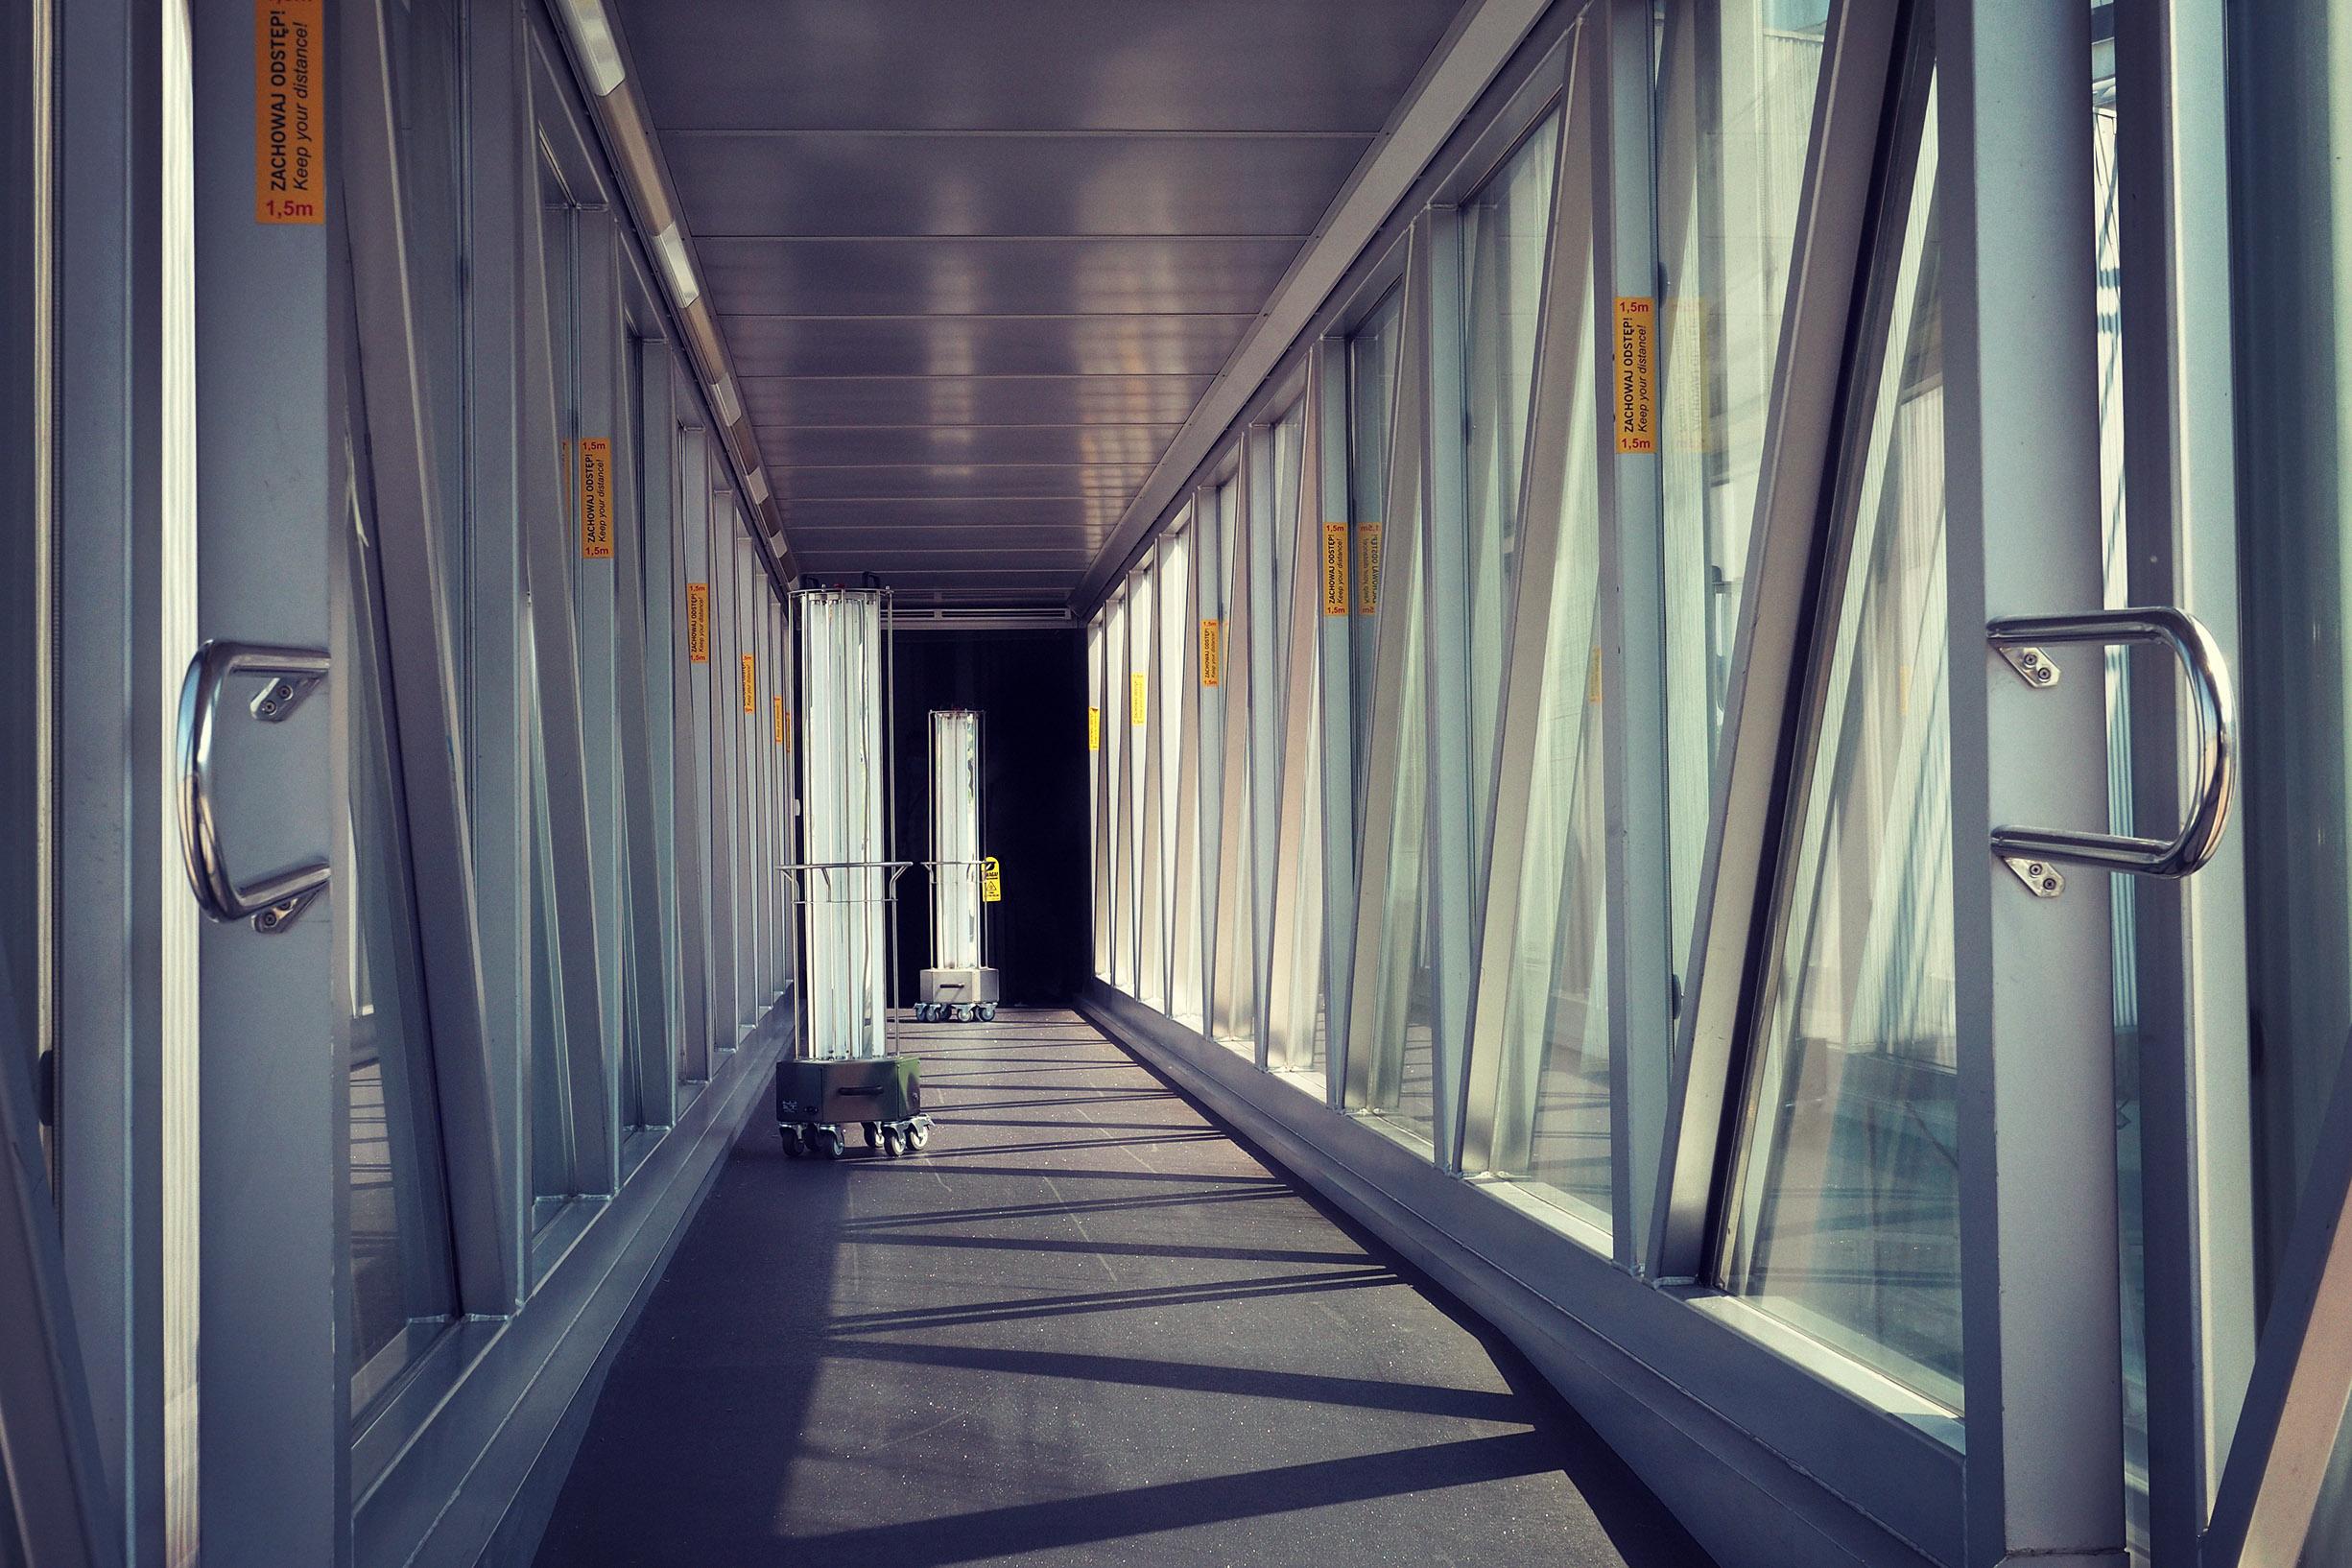 Lotnisko Chopina w Warszawie (Warsaw Chopin Airport, kod IATA: WAW, kod ICAO: EPWA)